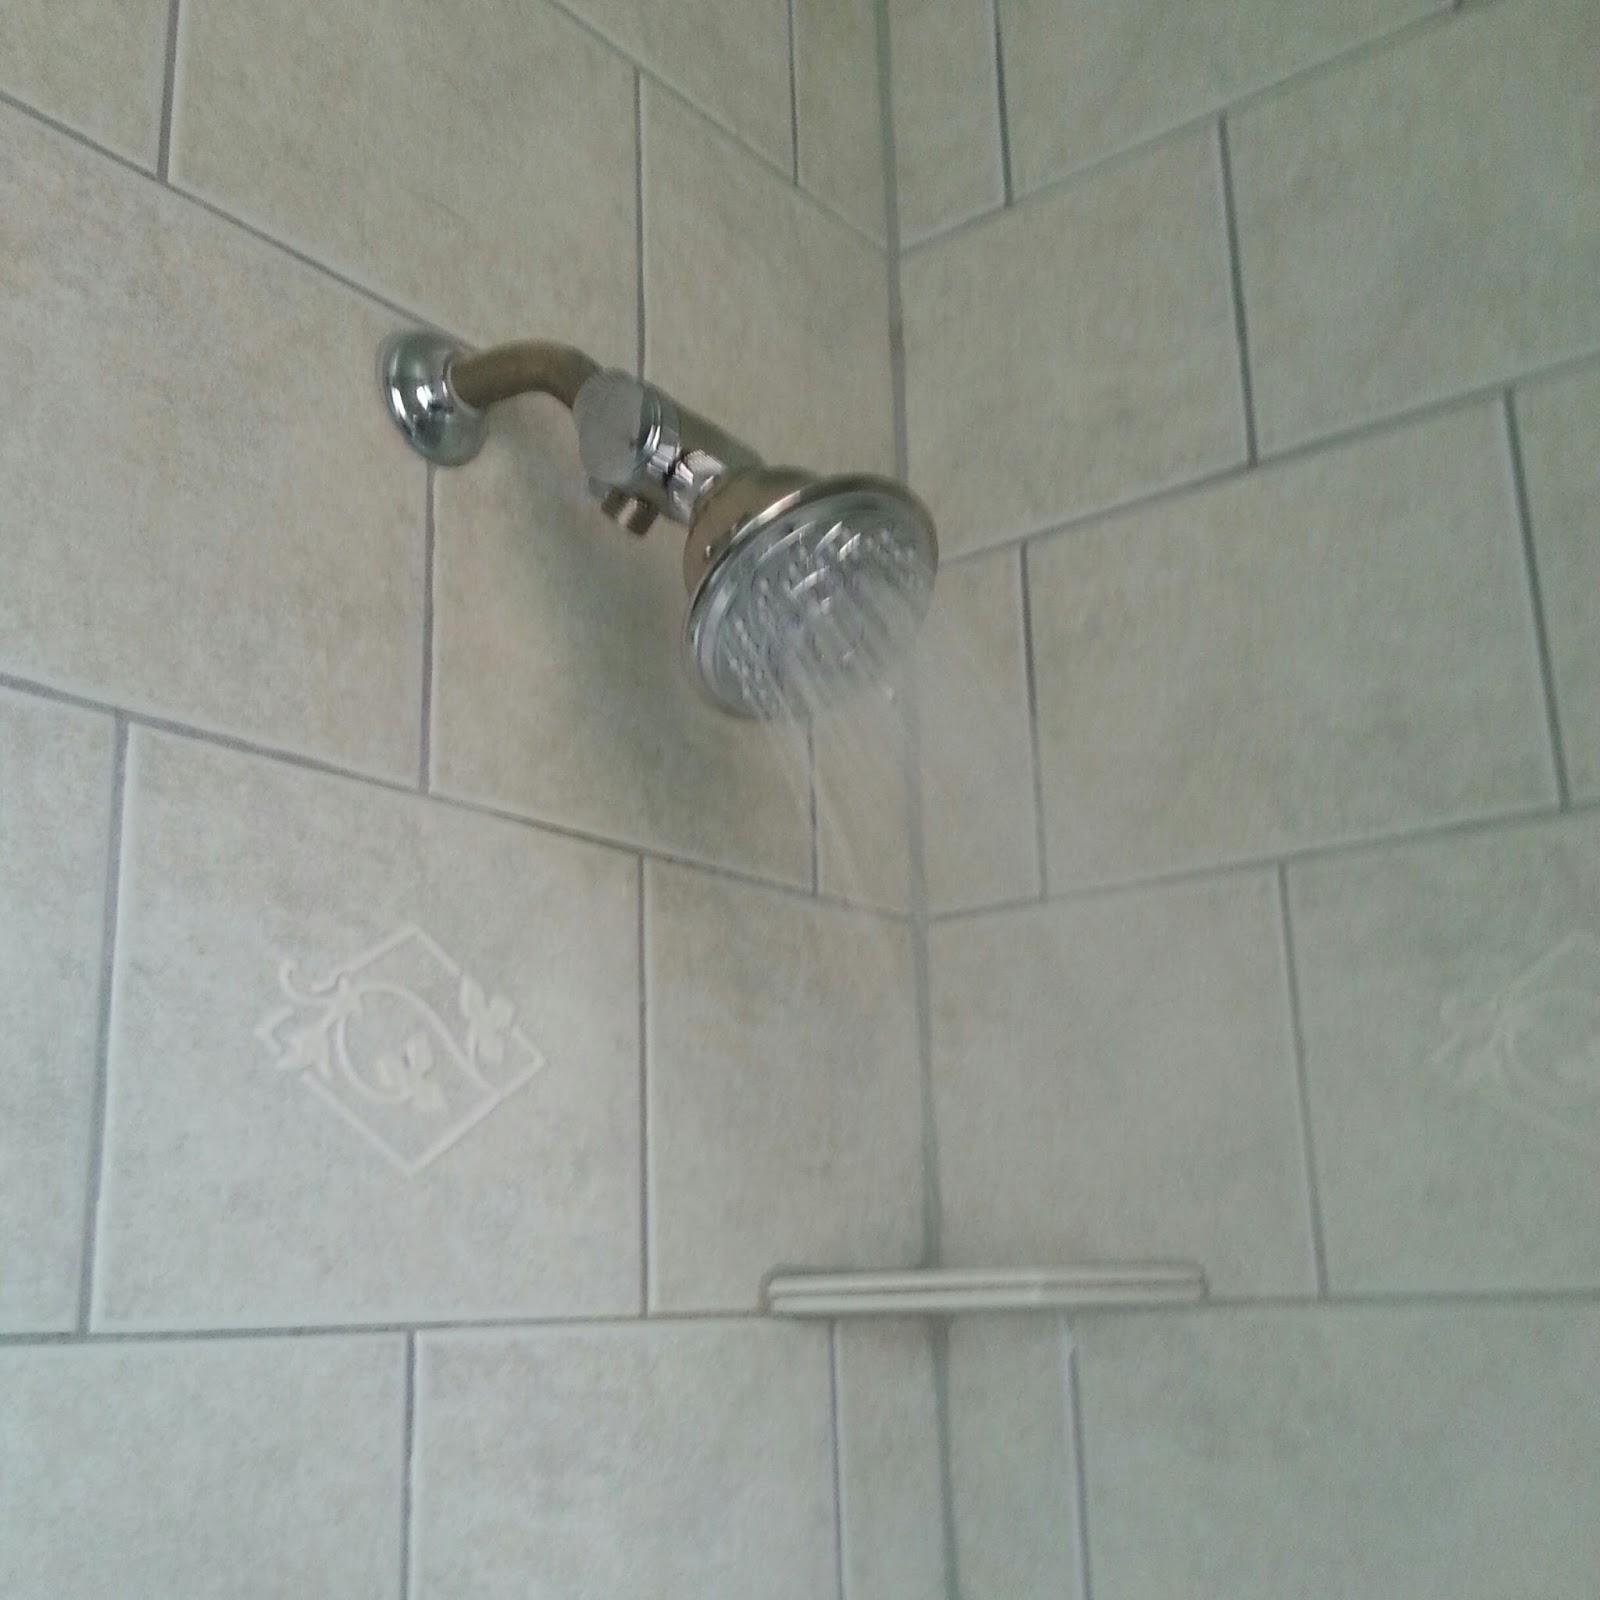 Doodlecraft: Luxurious Dual Shower Head!